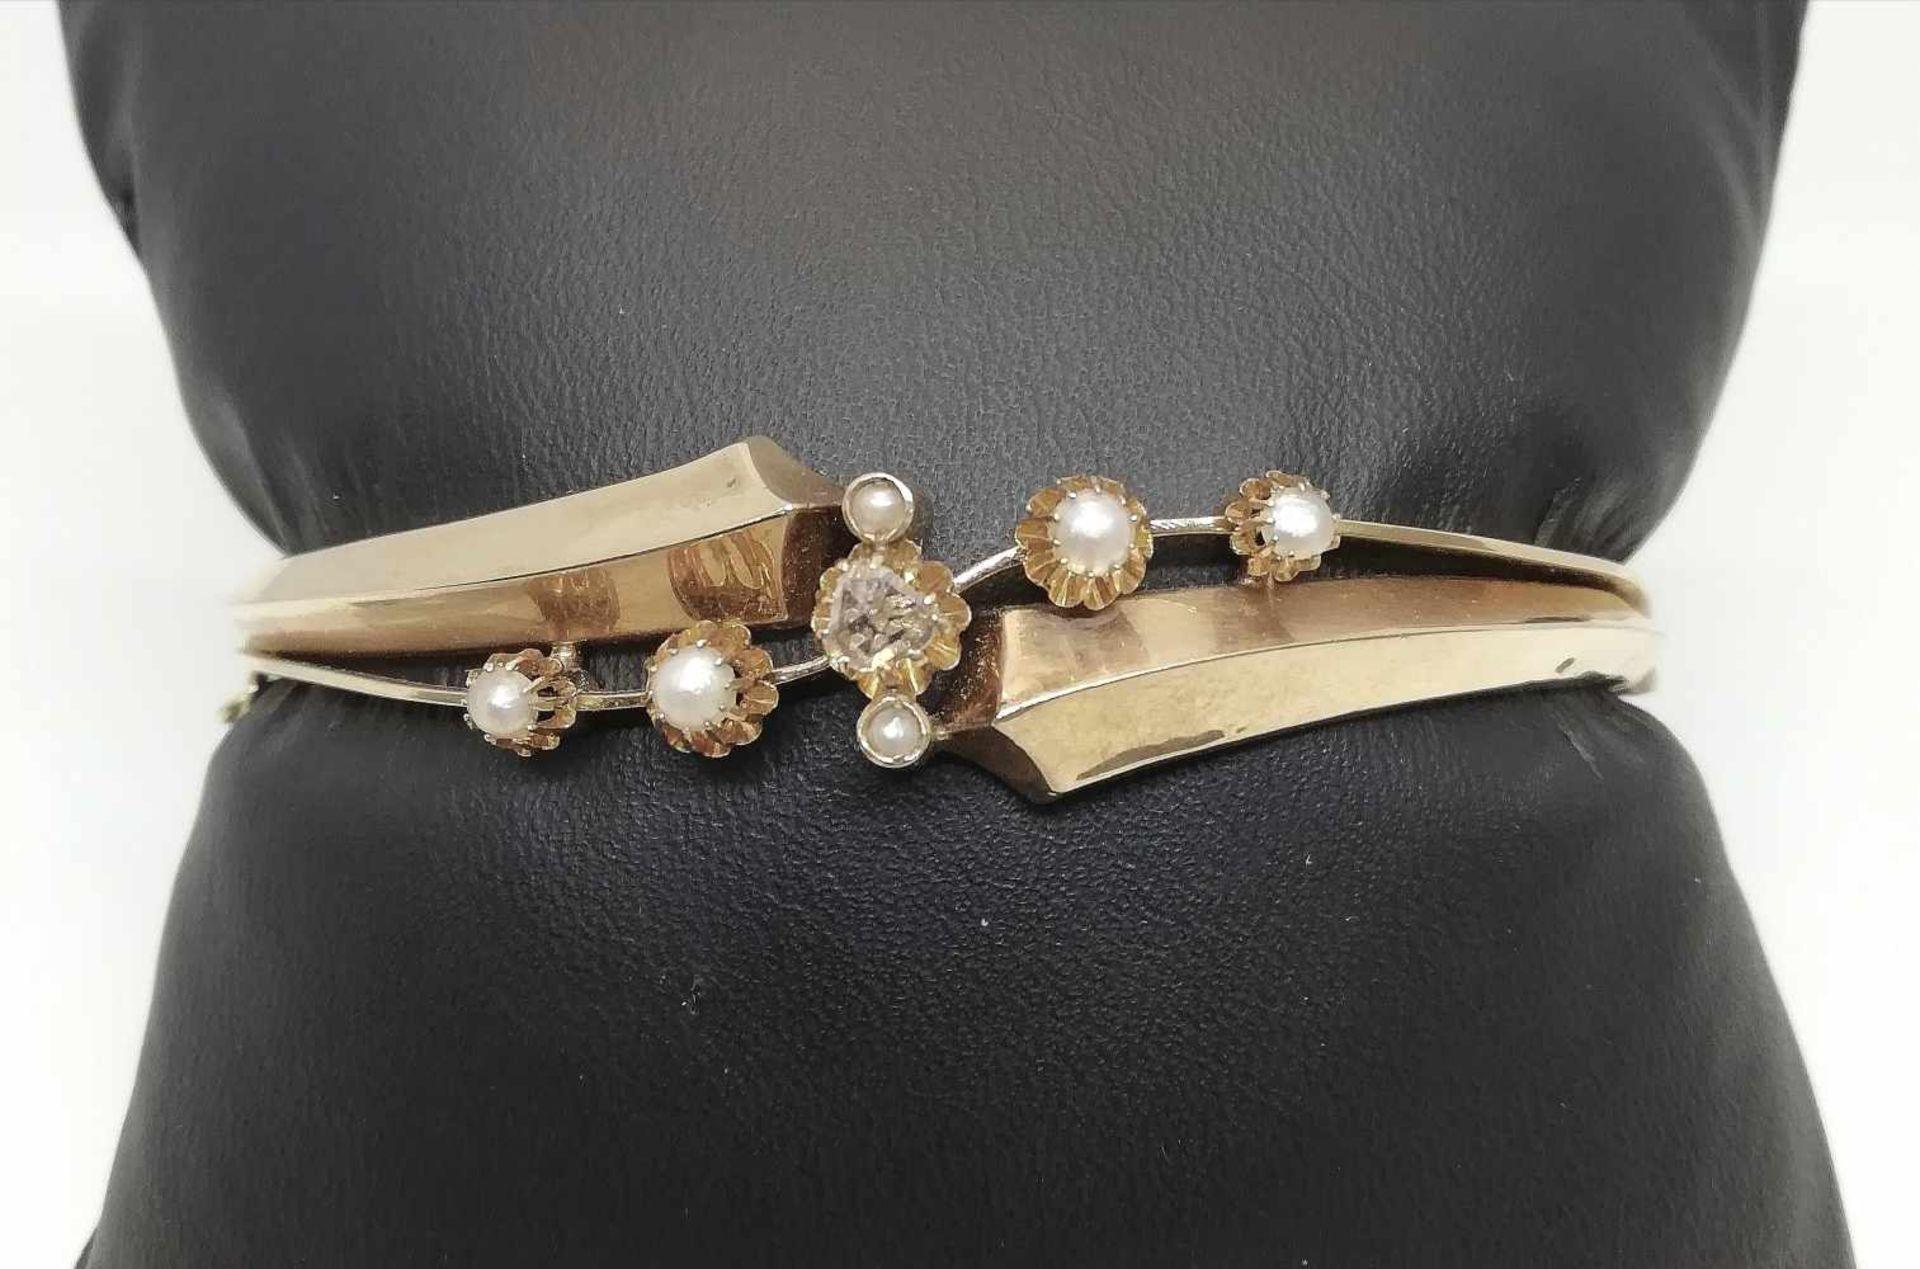 ArmreifenGold 585, Diamantraute, Halbperlen, Arbeit um 1900, leichte Druckstellen, 11,7g;